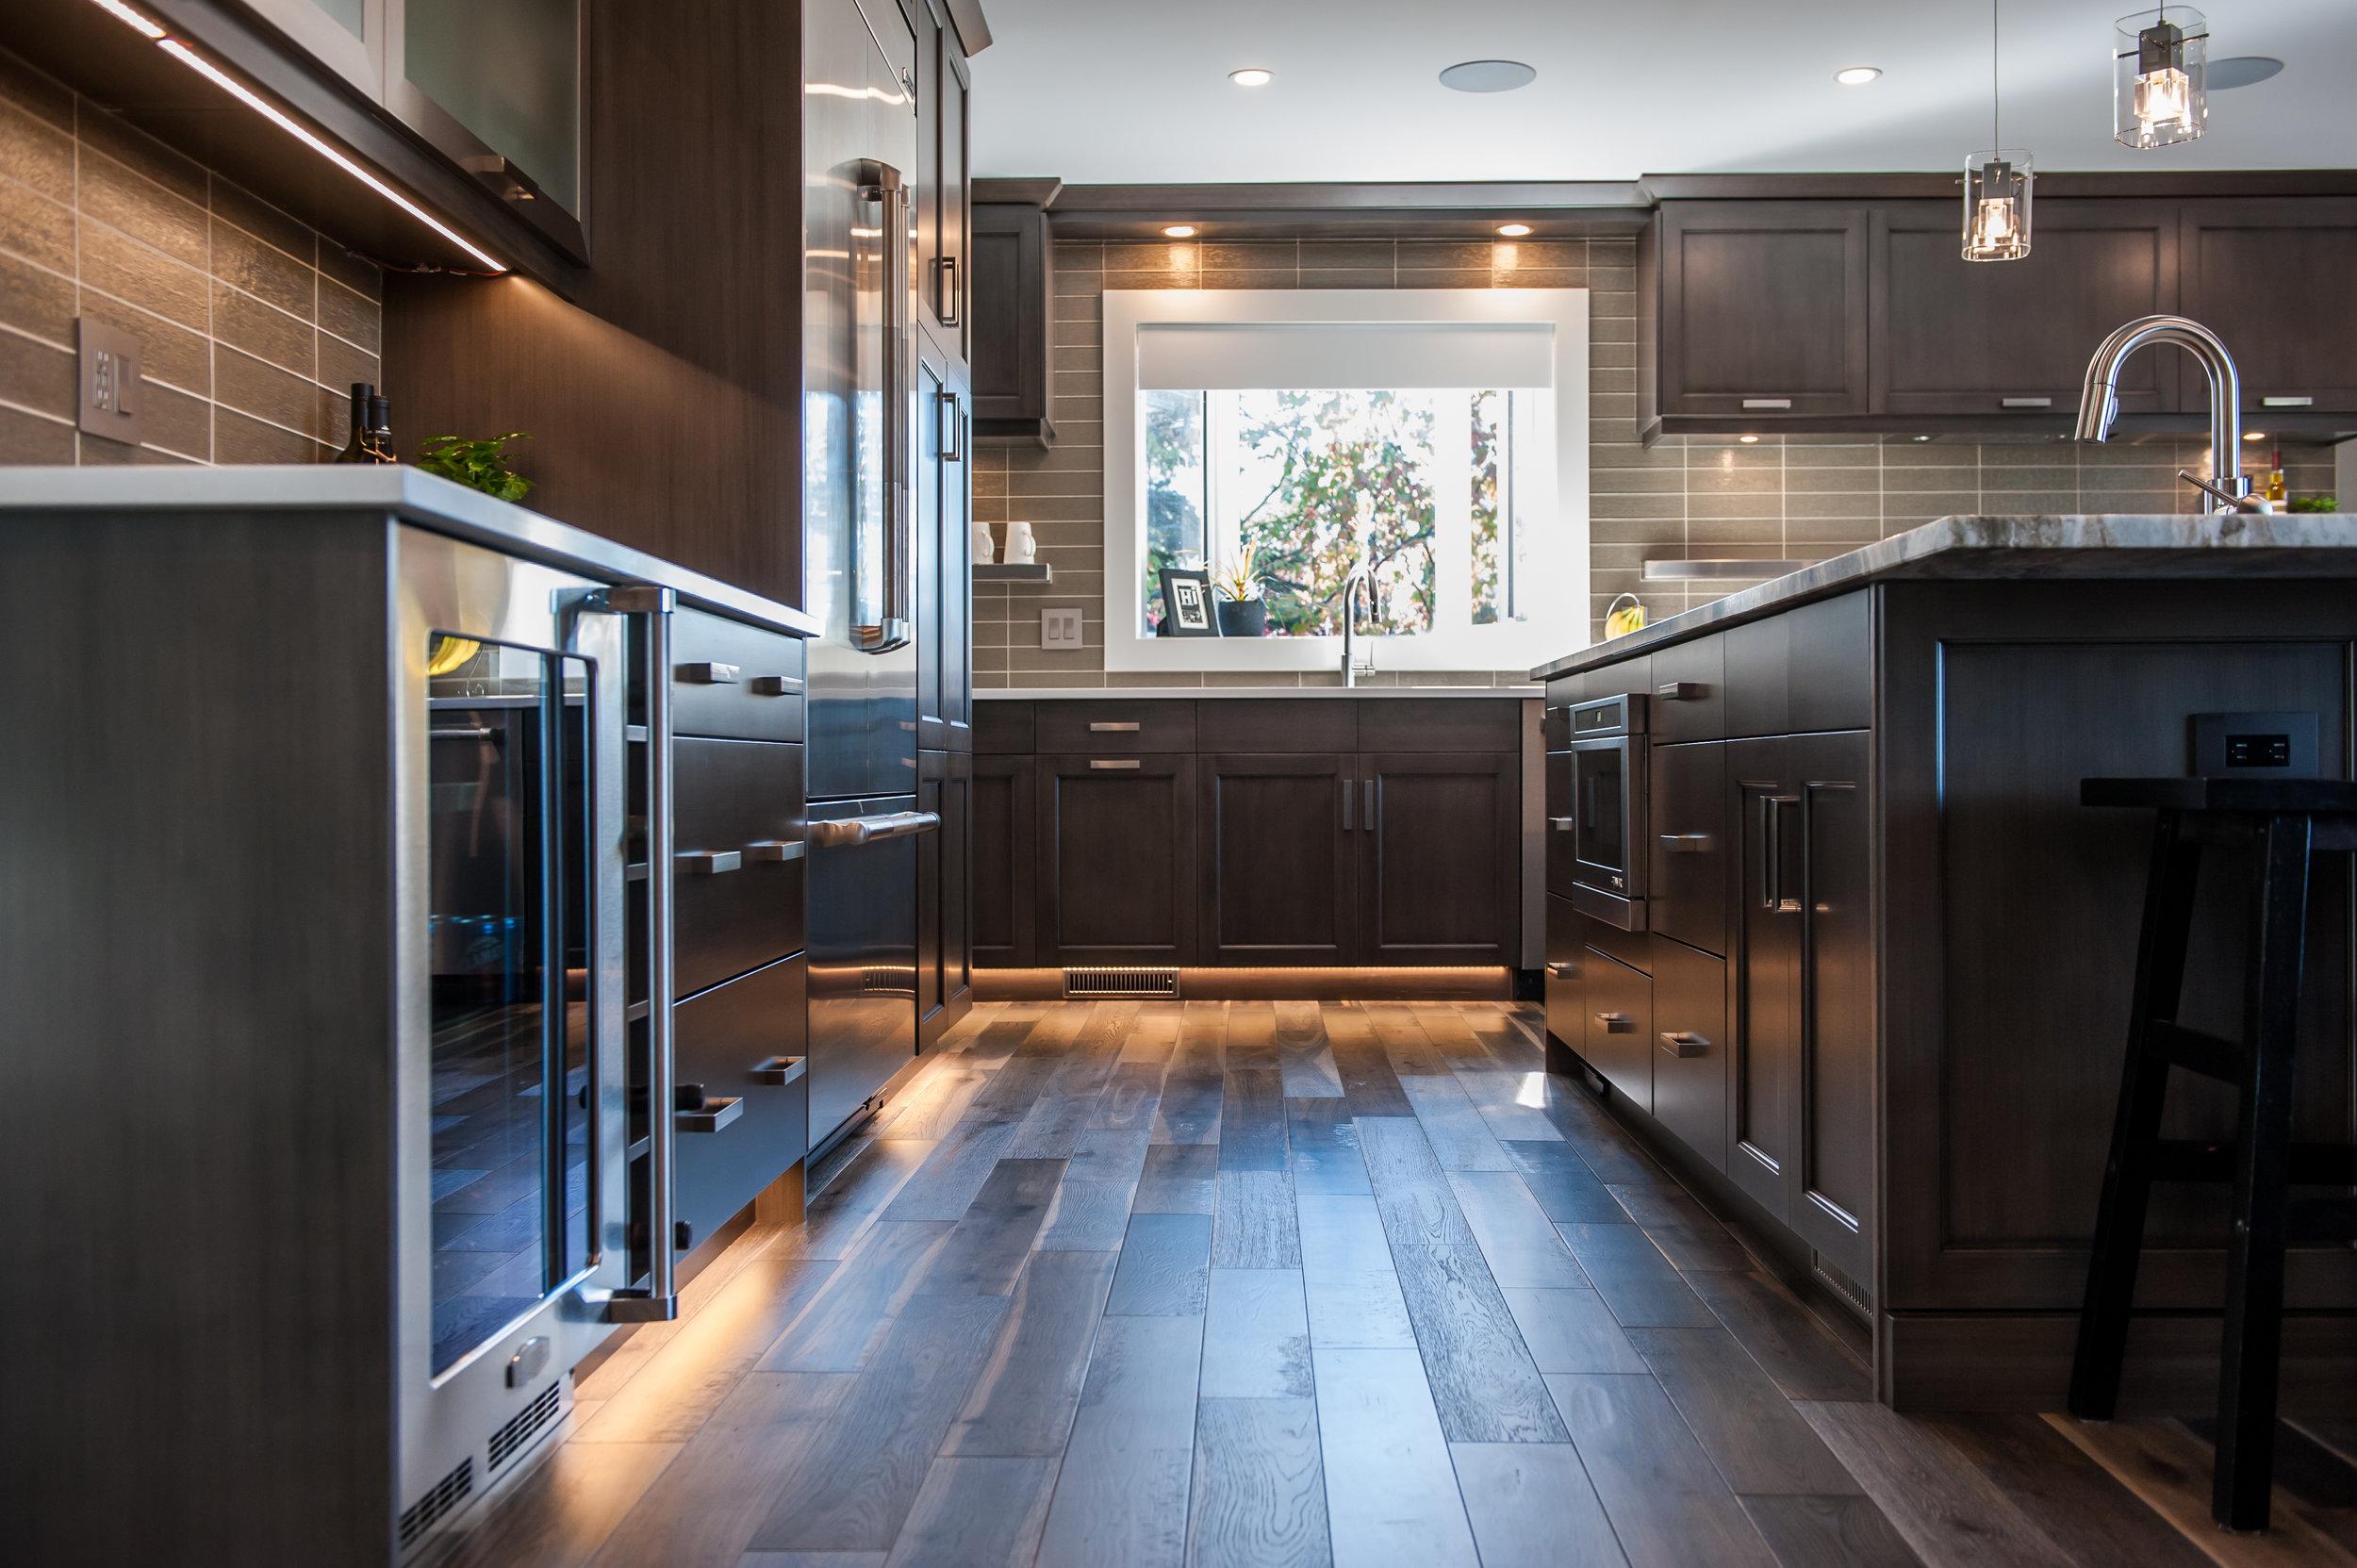 kitchen view left